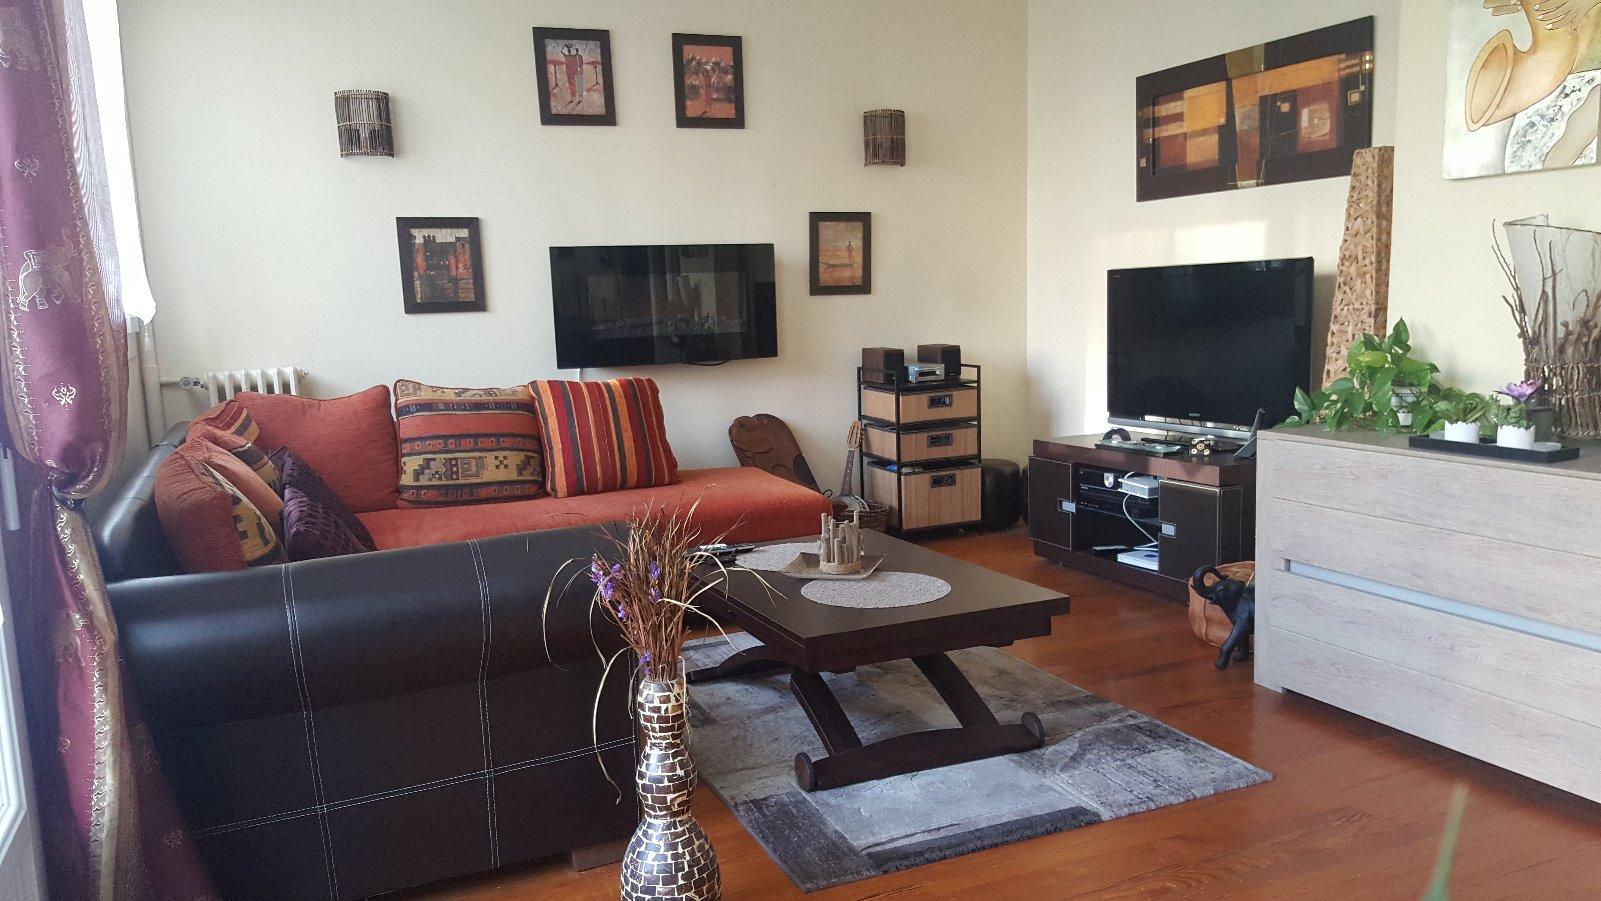 annonce vente appartement pau 64000 96 m 157 000 992739130656. Black Bedroom Furniture Sets. Home Design Ideas